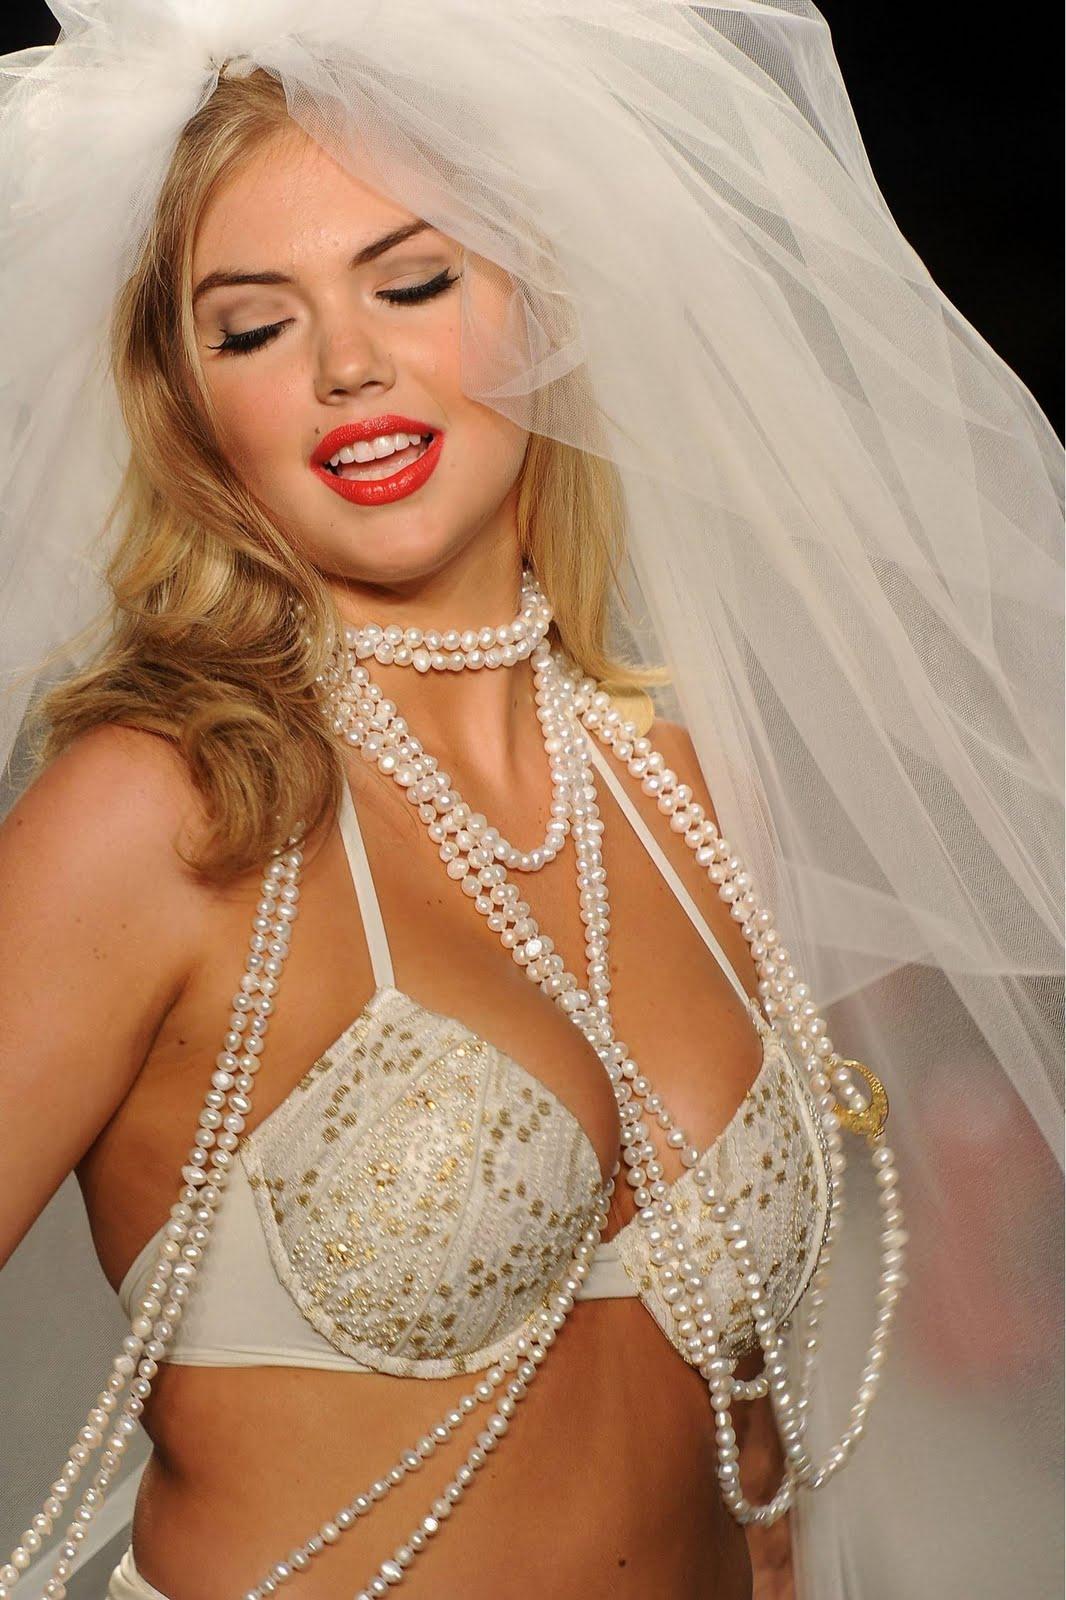 http://1.bp.blogspot.com/-mJKISDsjfxY/TiPT-TlHASI/AAAAAAAAGEk/a90aREiBOFA/s1600/Kate-Upton-151.jpg